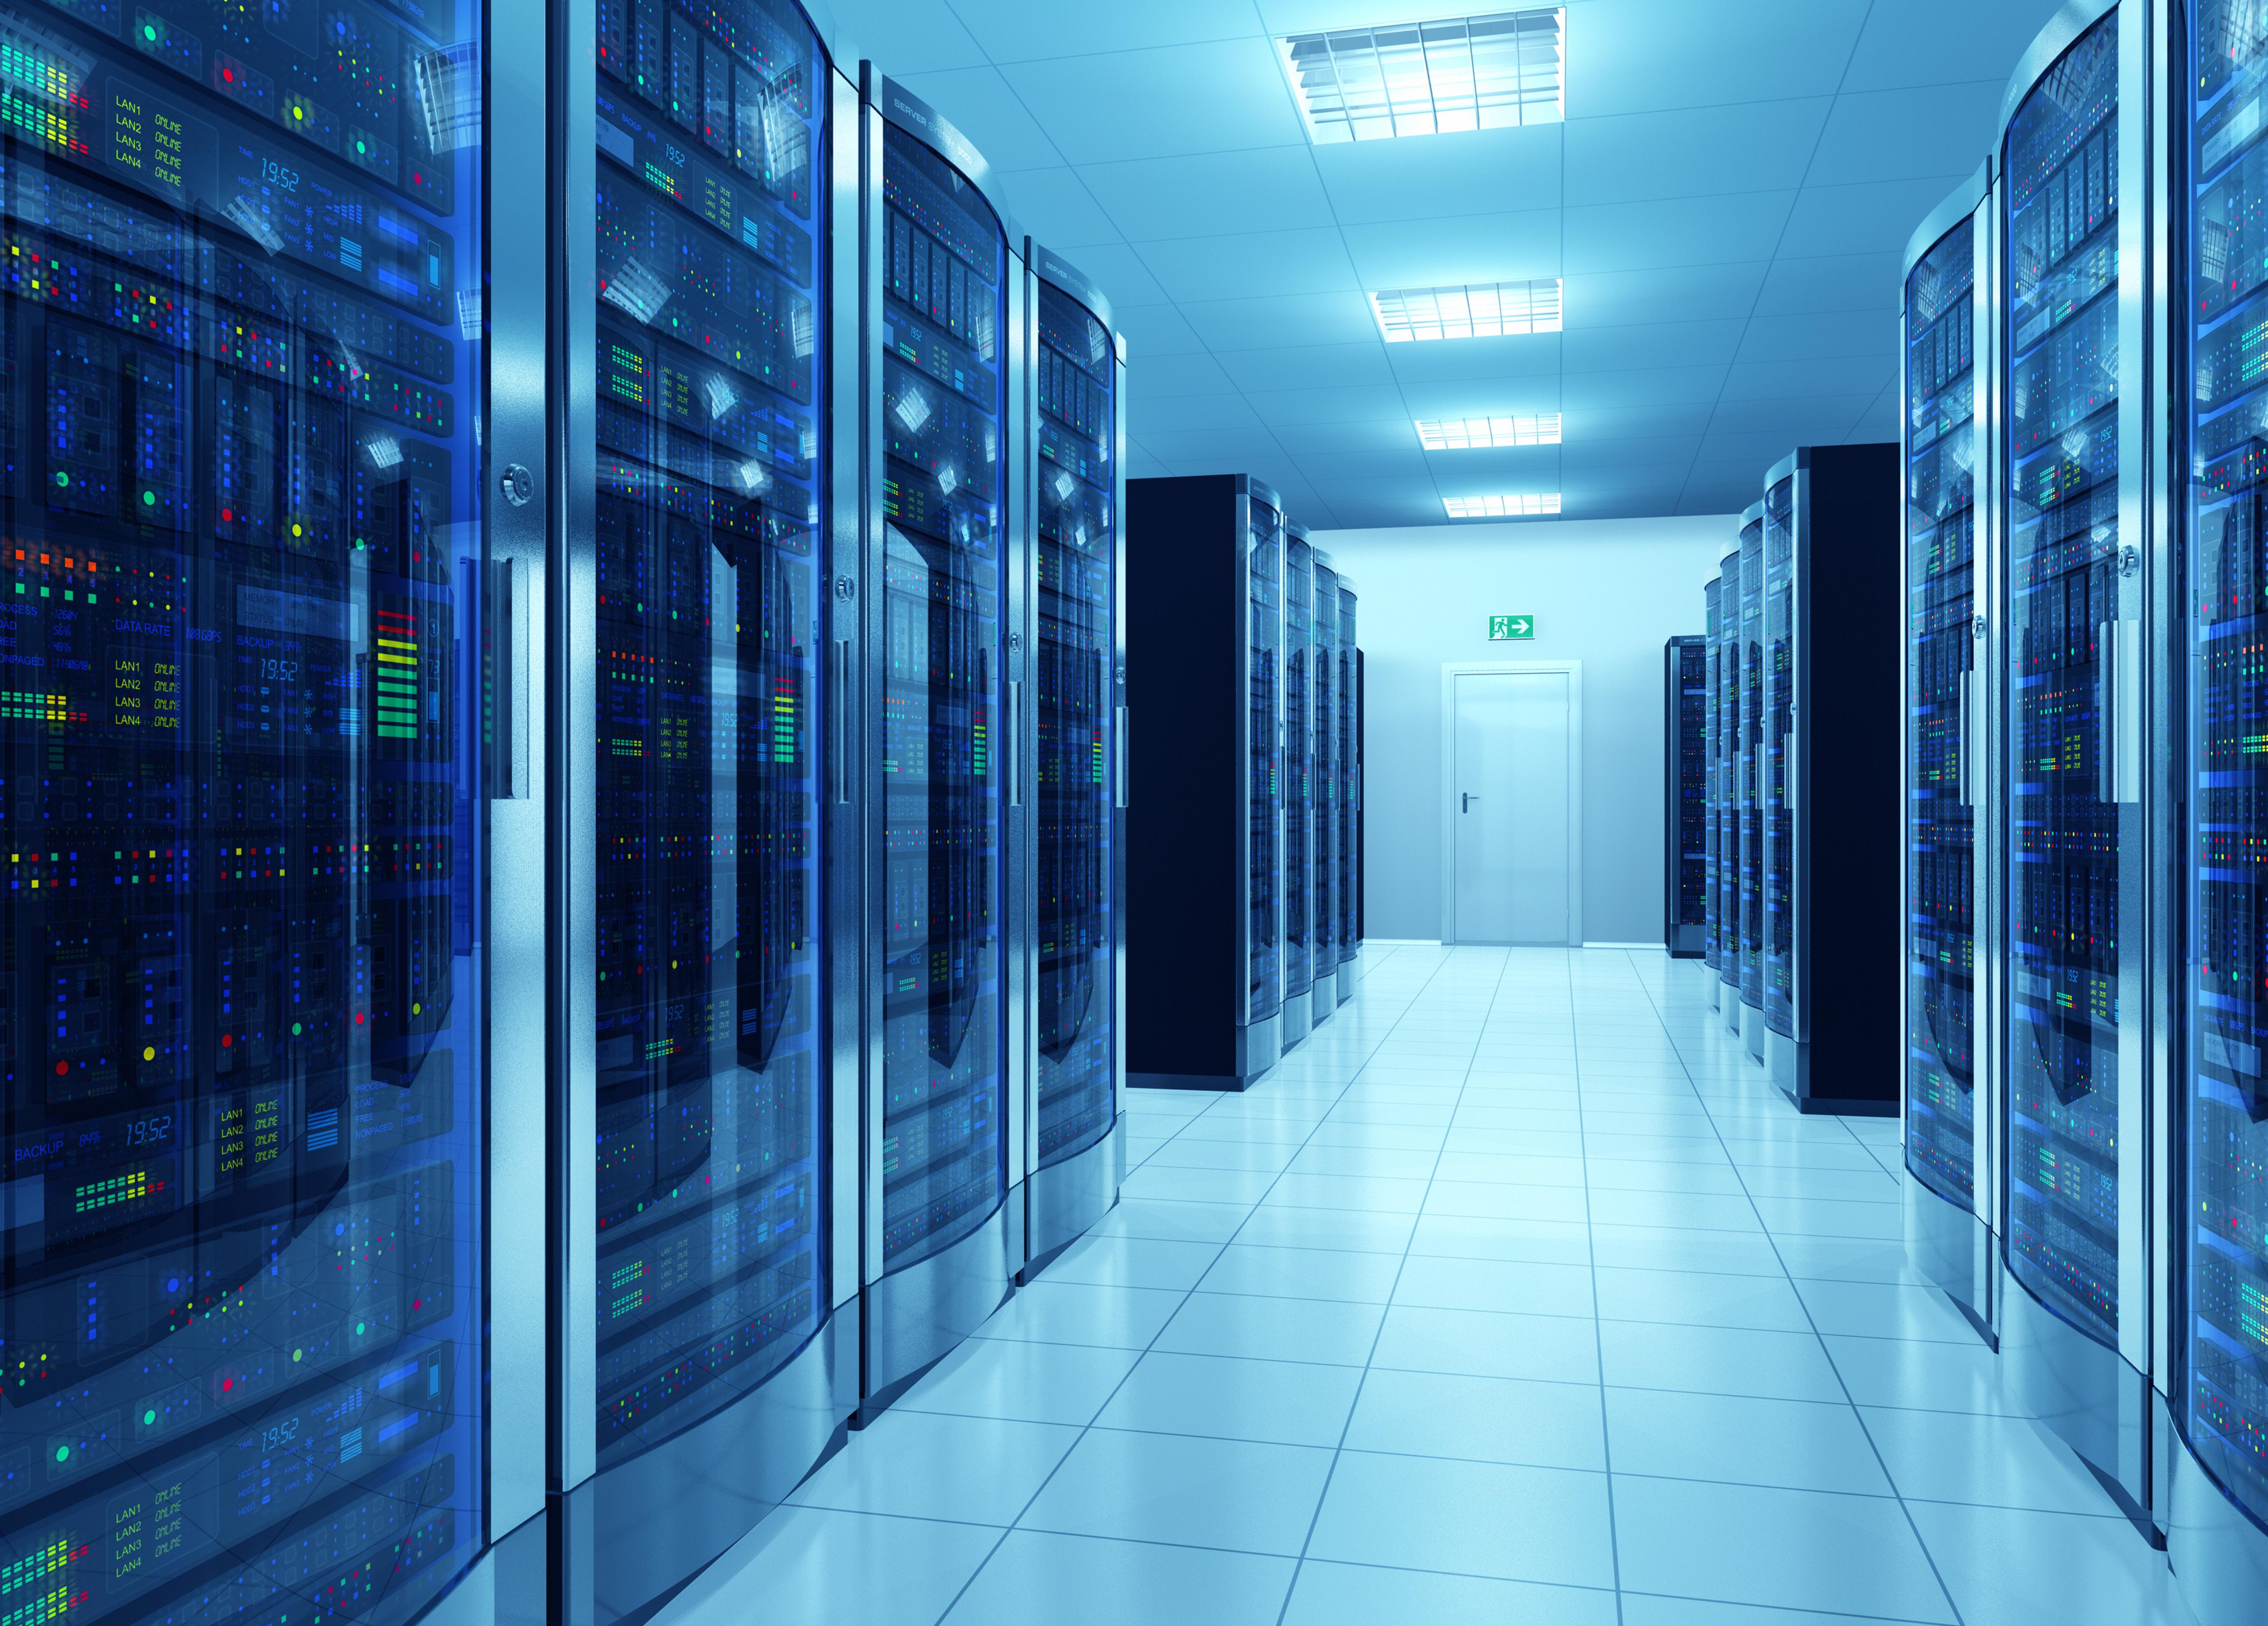 CW Cloud Servers